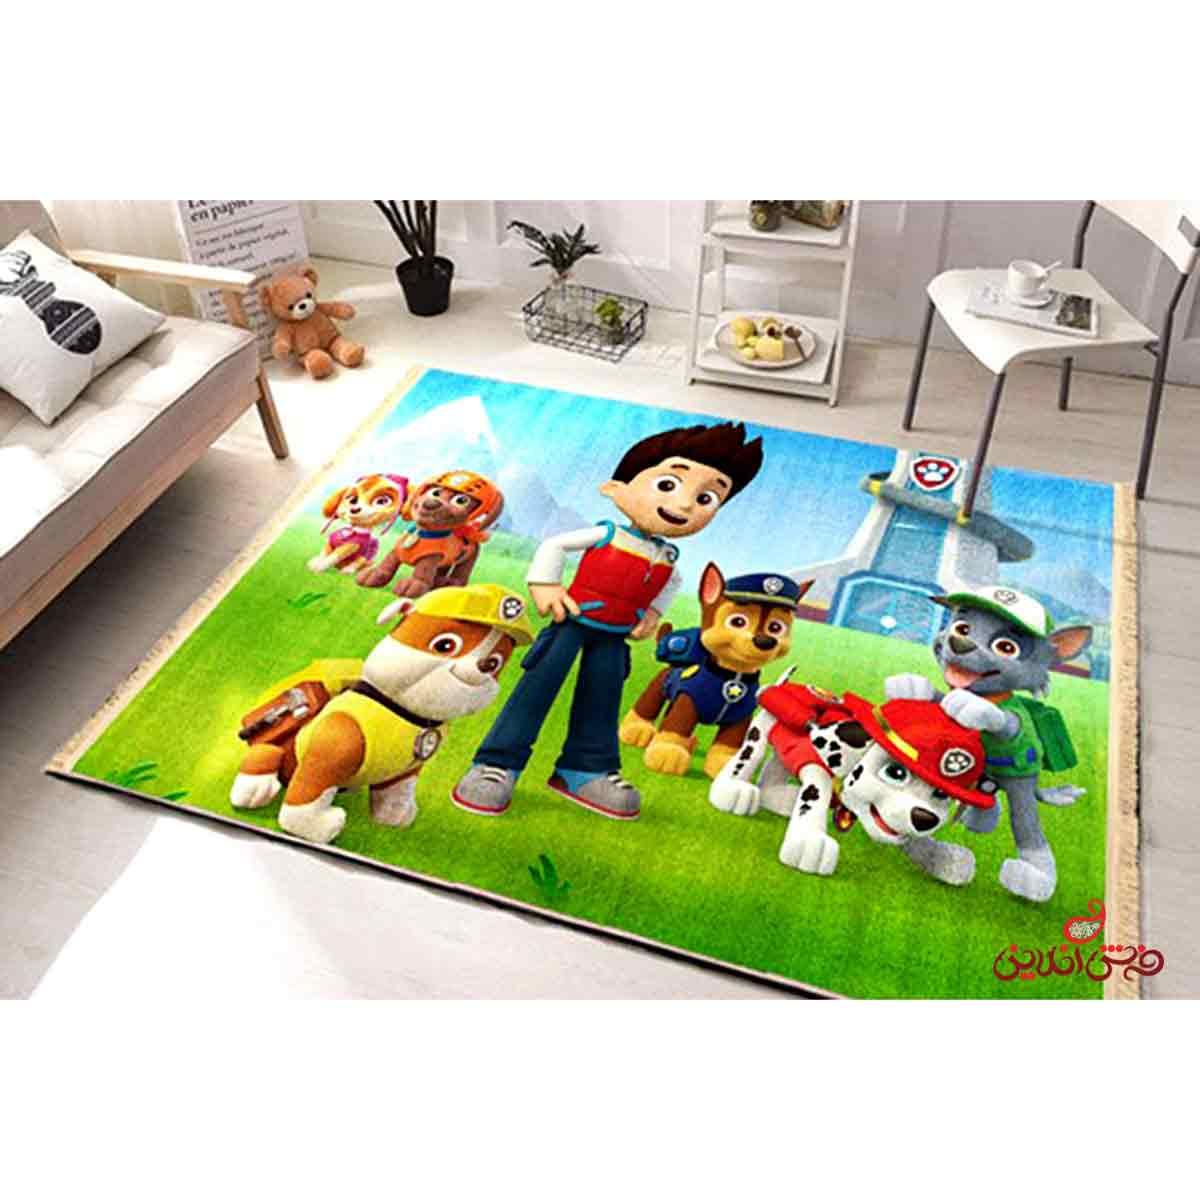 فرش ماشینی کودک کلاریس کد 812